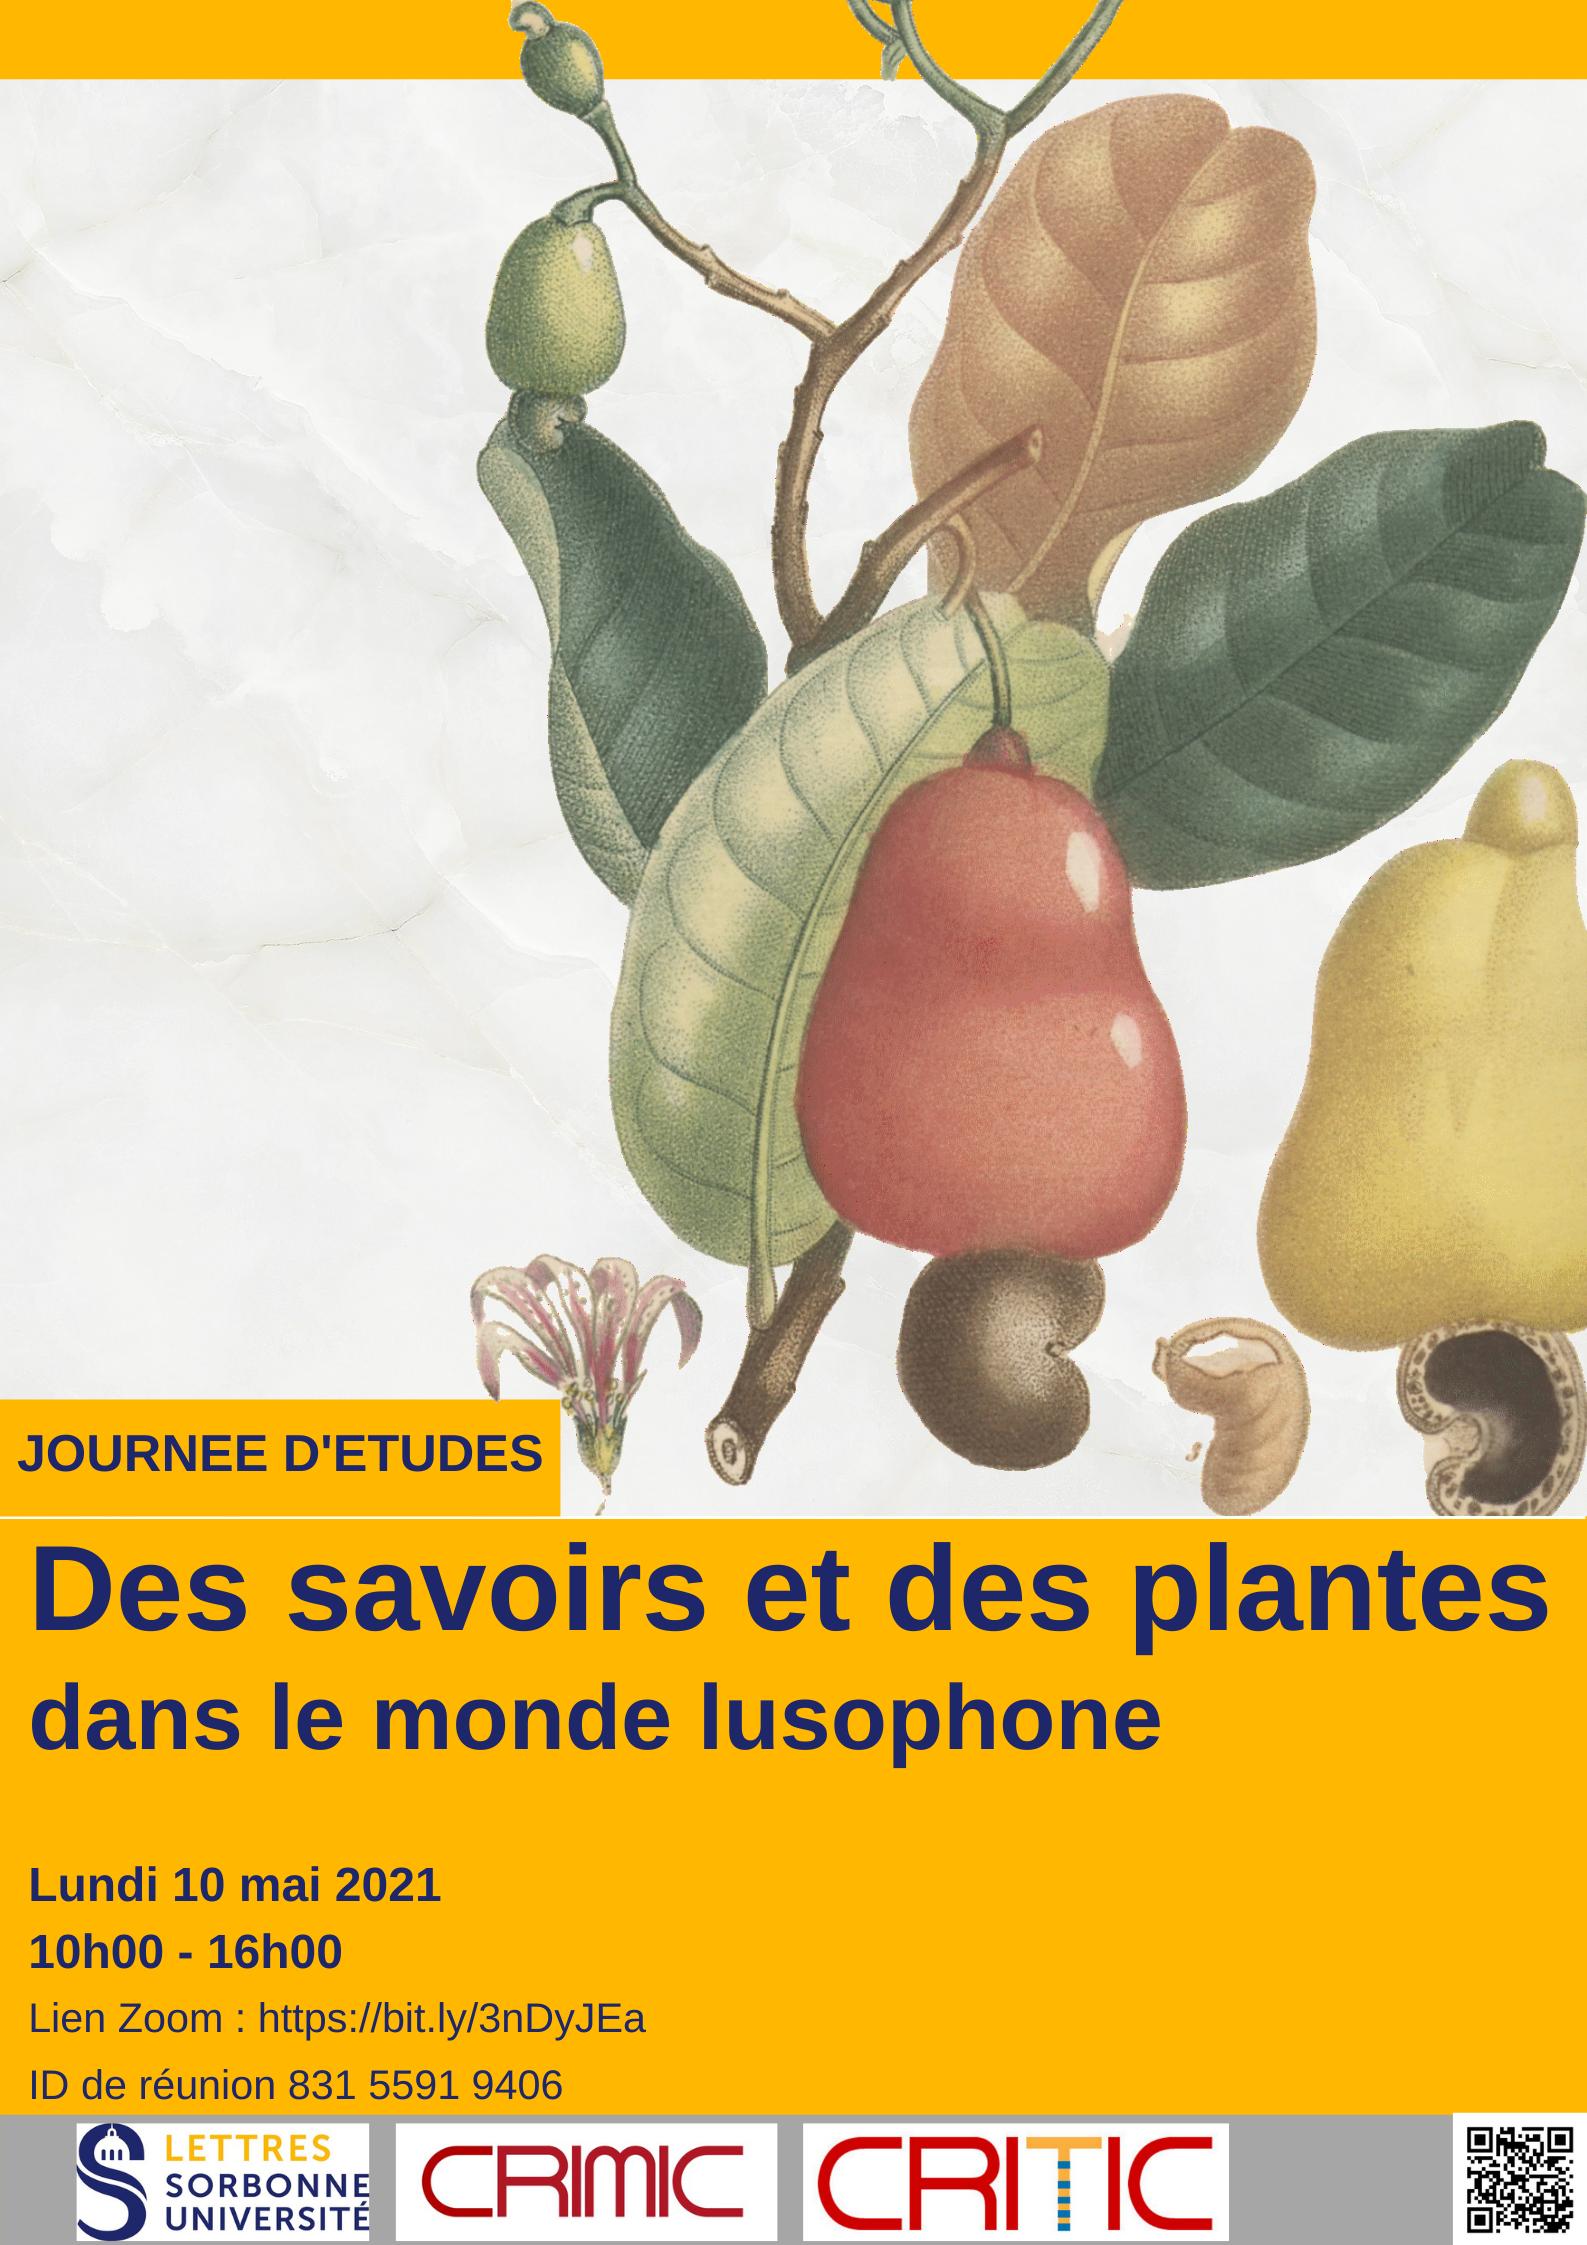 Des savoirs et des plantes dans le monde lusophone